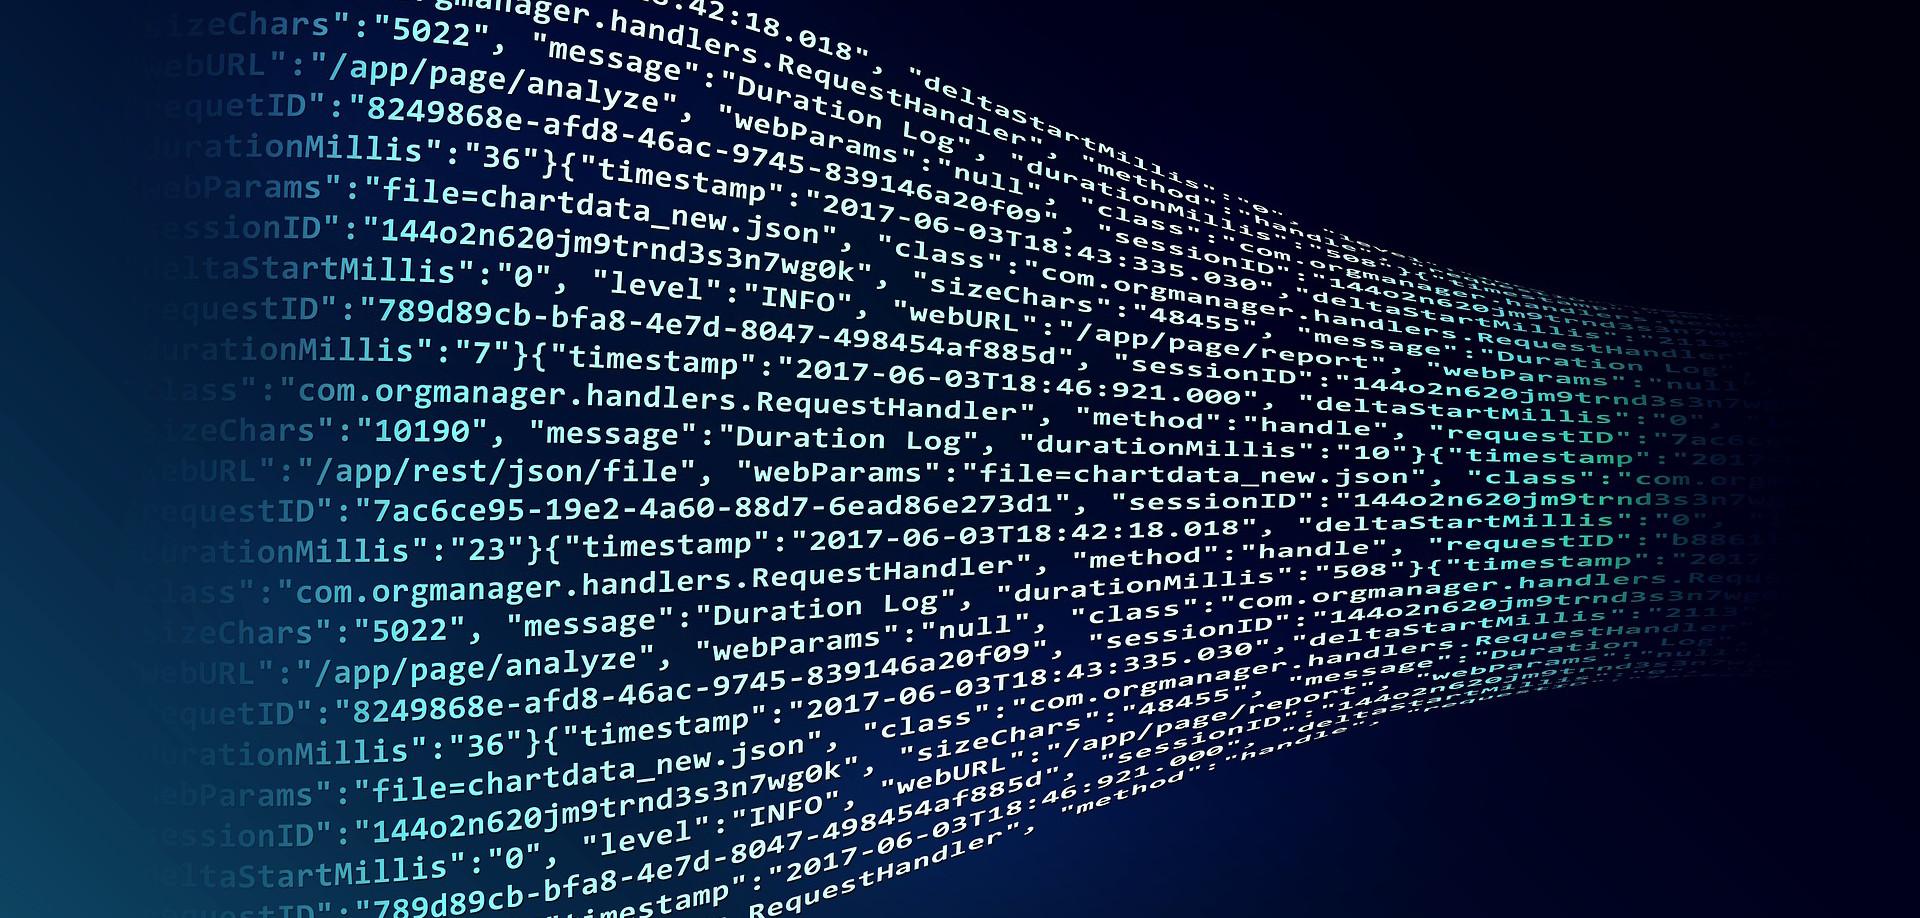 Britské spravodajské služby chcú sledovať šifrované konverzácie